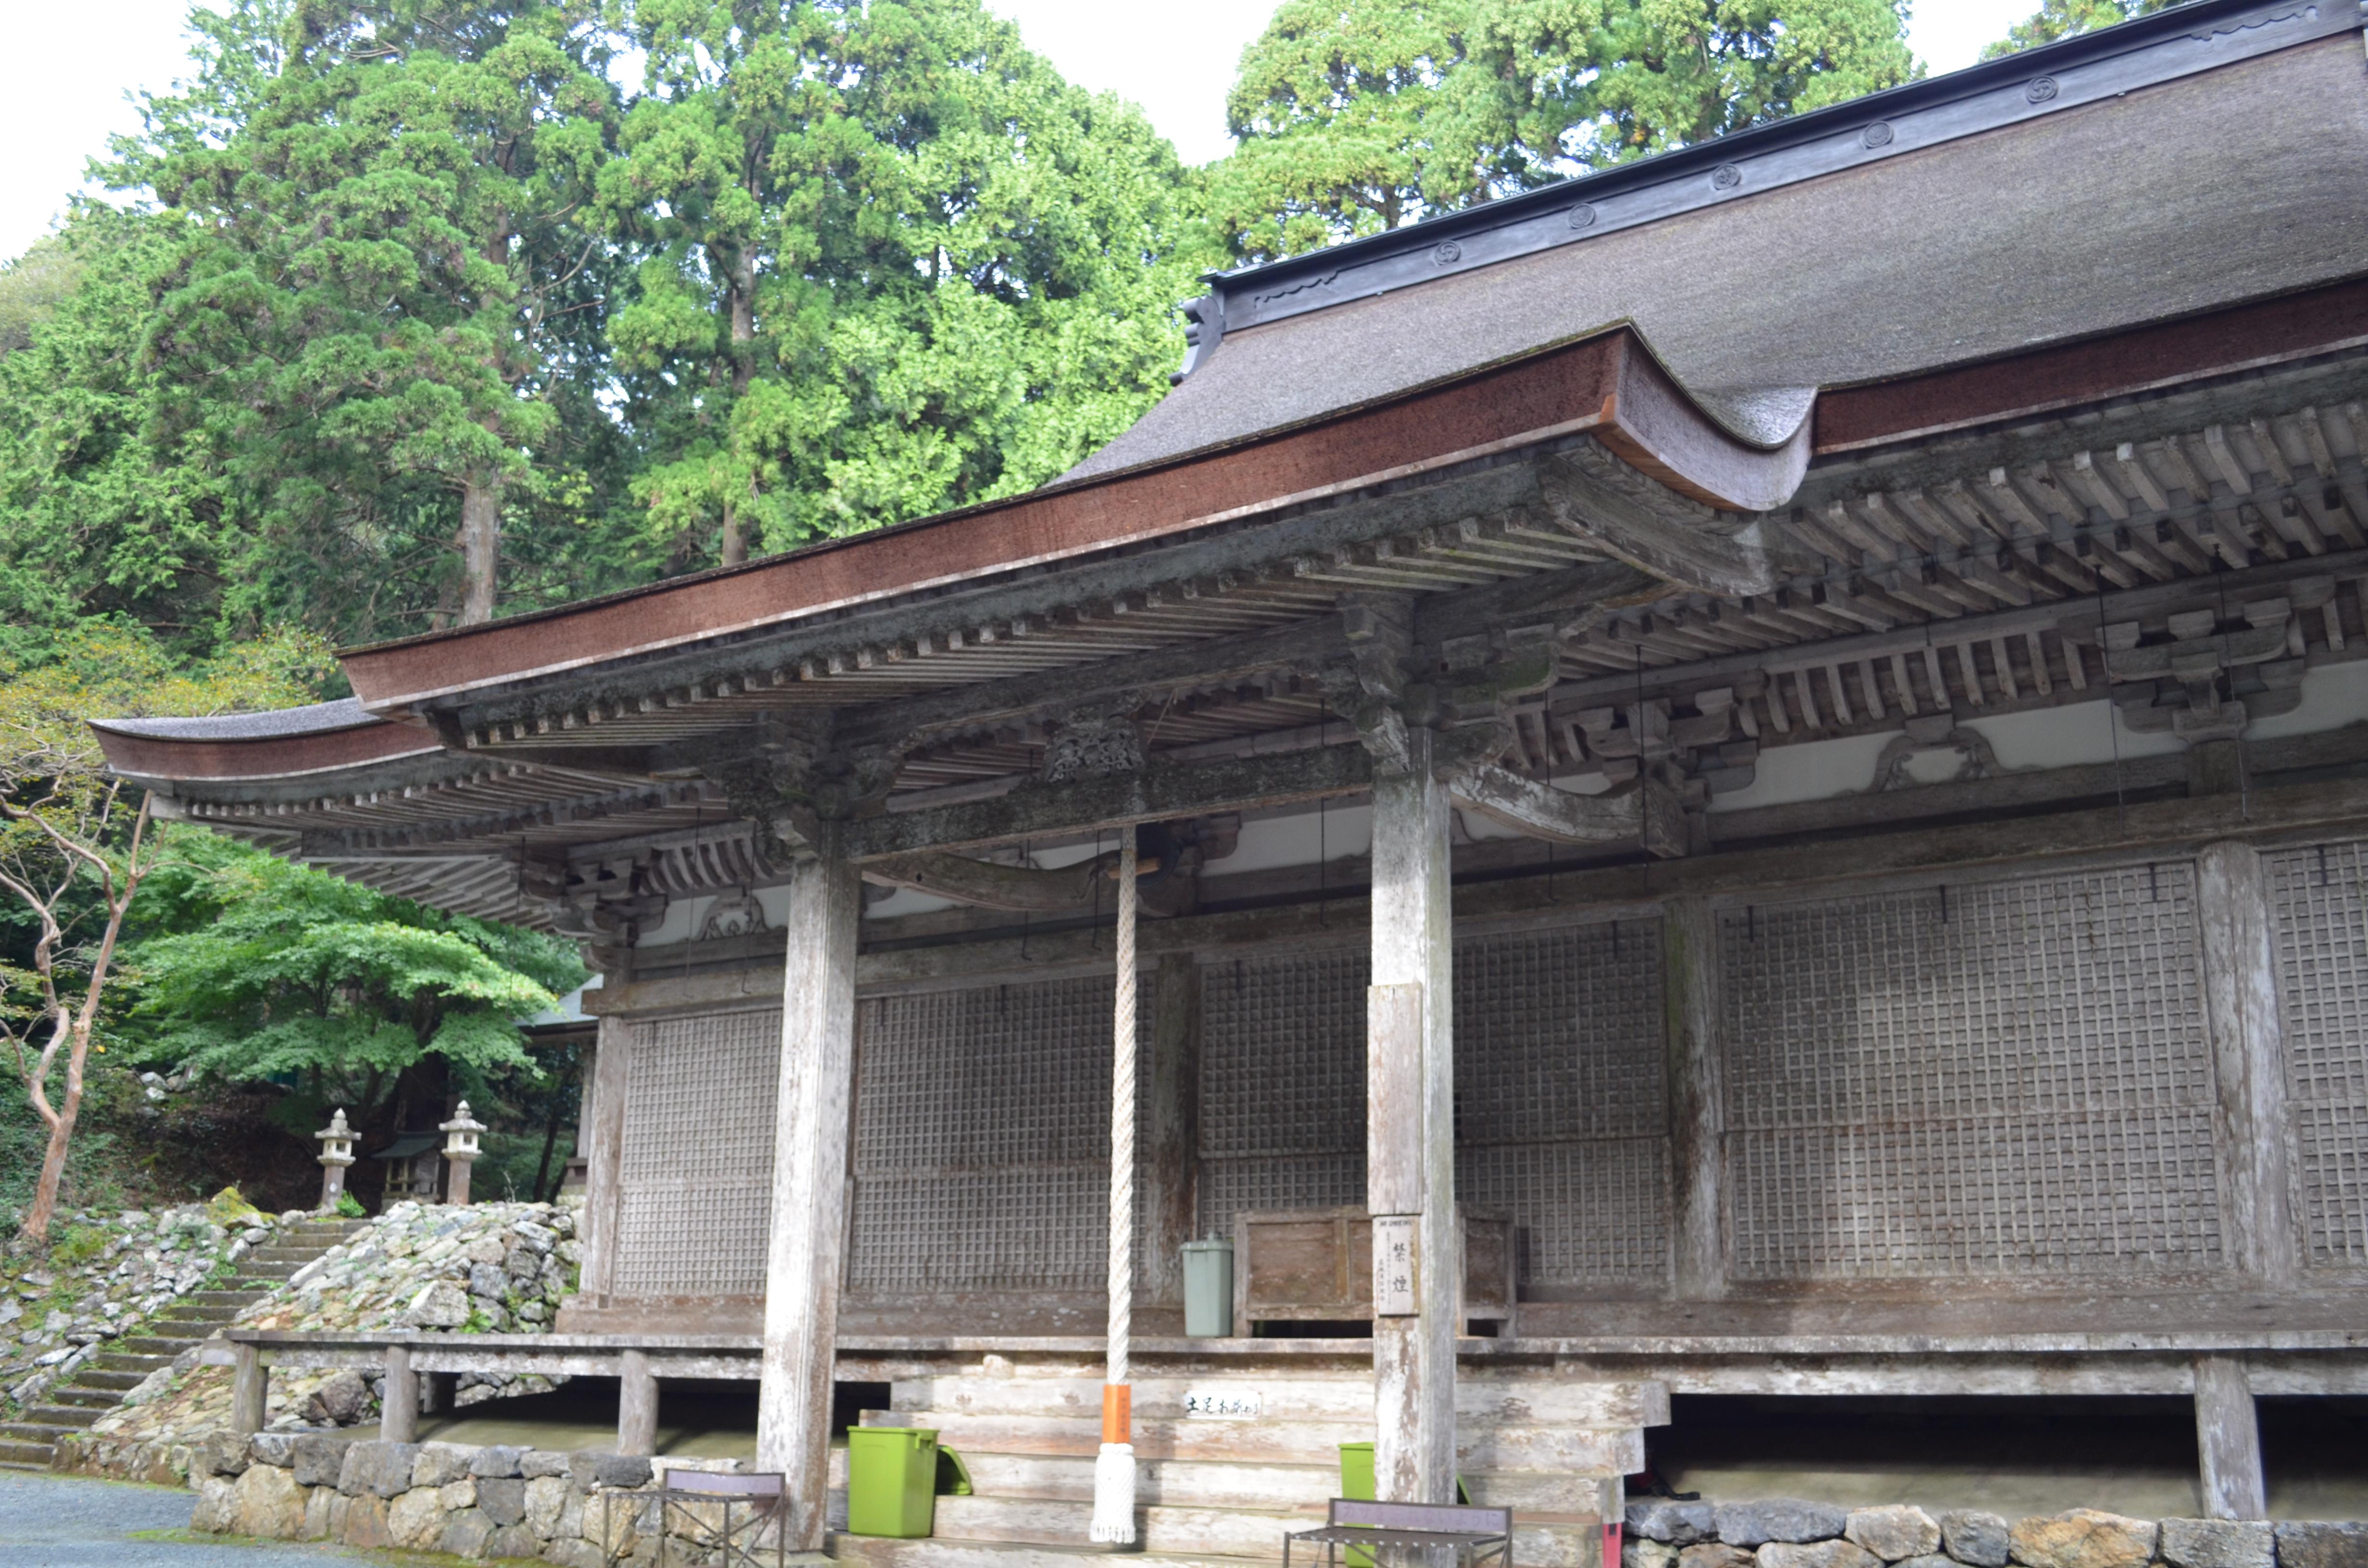 国宝 明通寺本堂(小浜市)